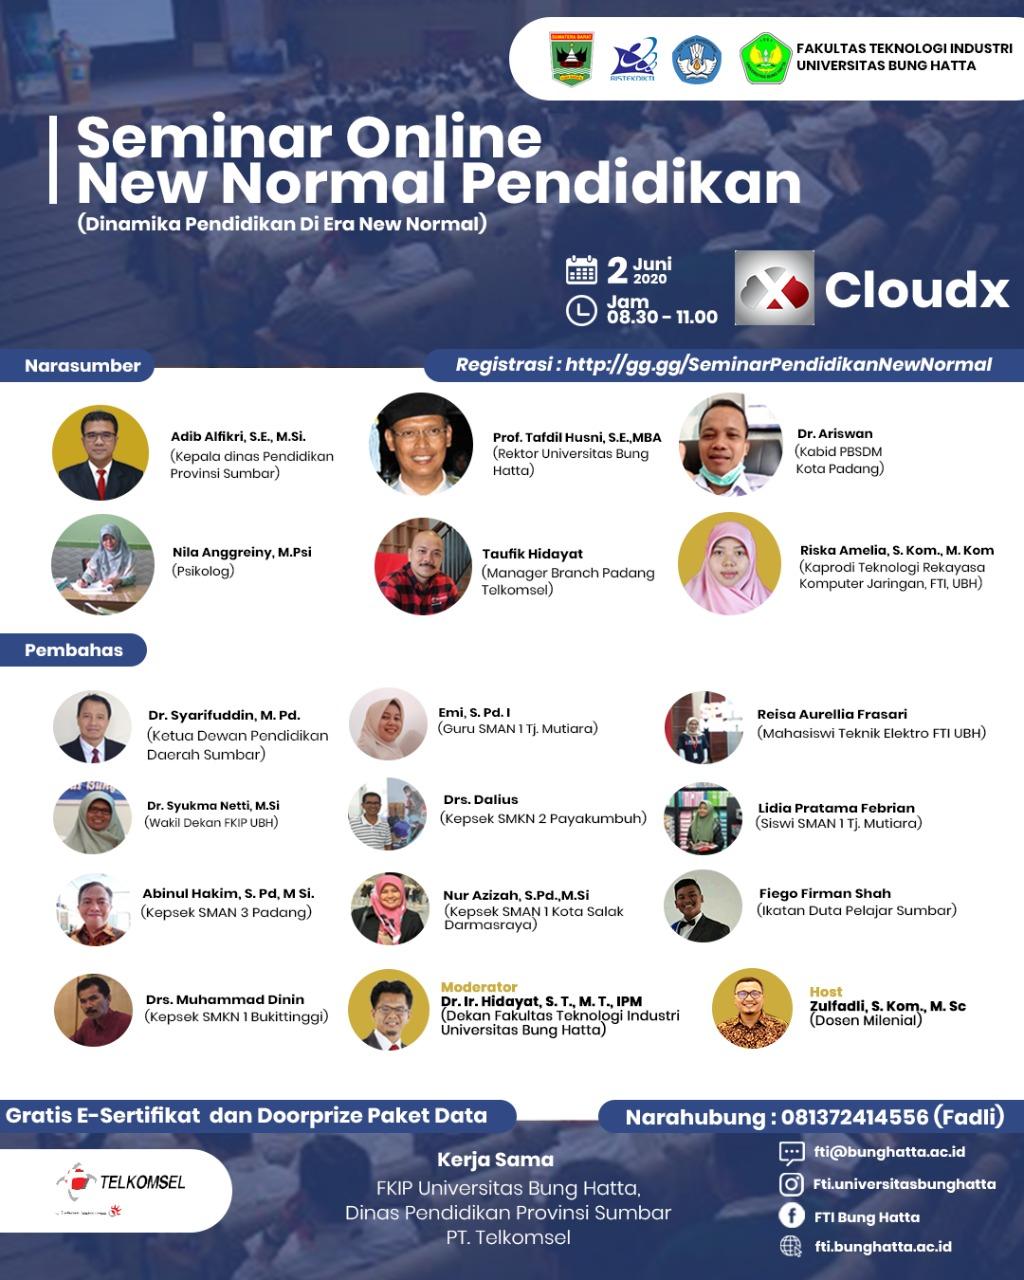 FTI Menggelar Seminar Online New Normal Pendidikan I